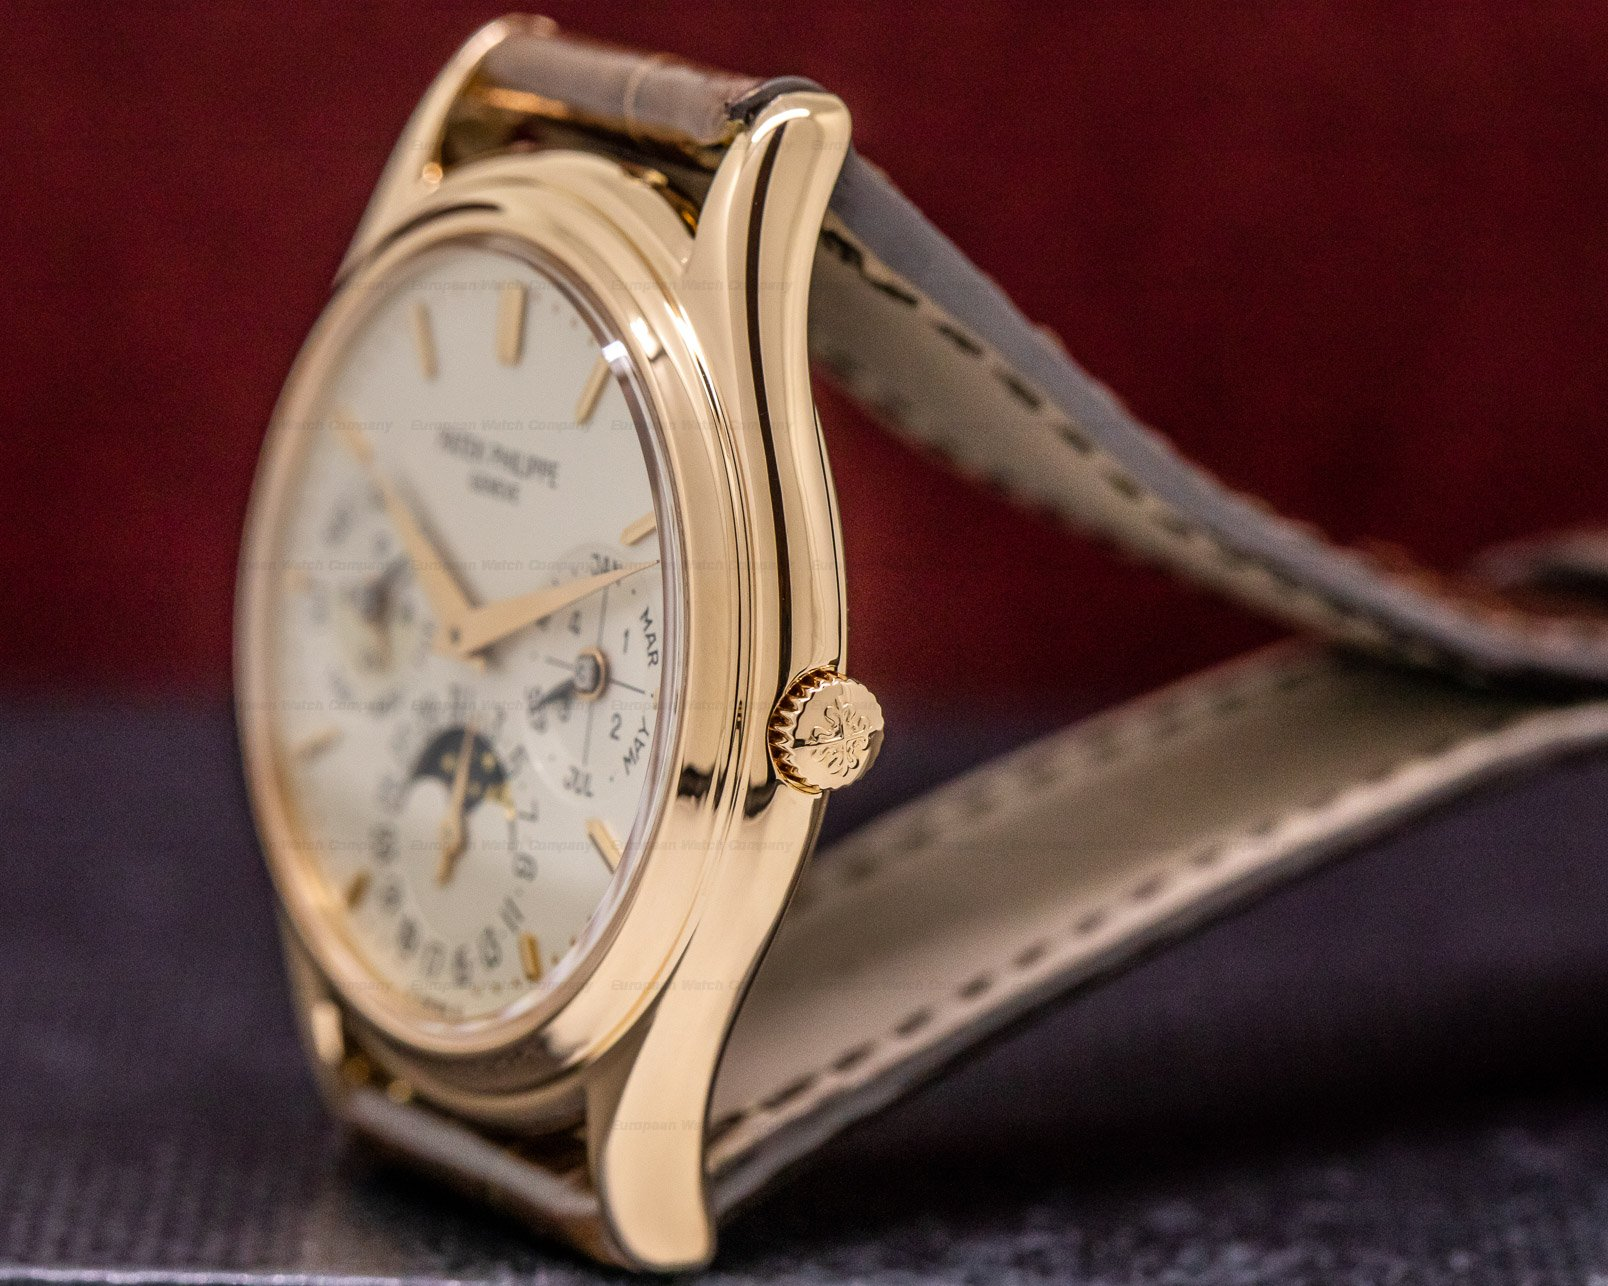 Patek Philippe 3940R Perpetual Calendar Rose Gold Silver Dial / Deployant